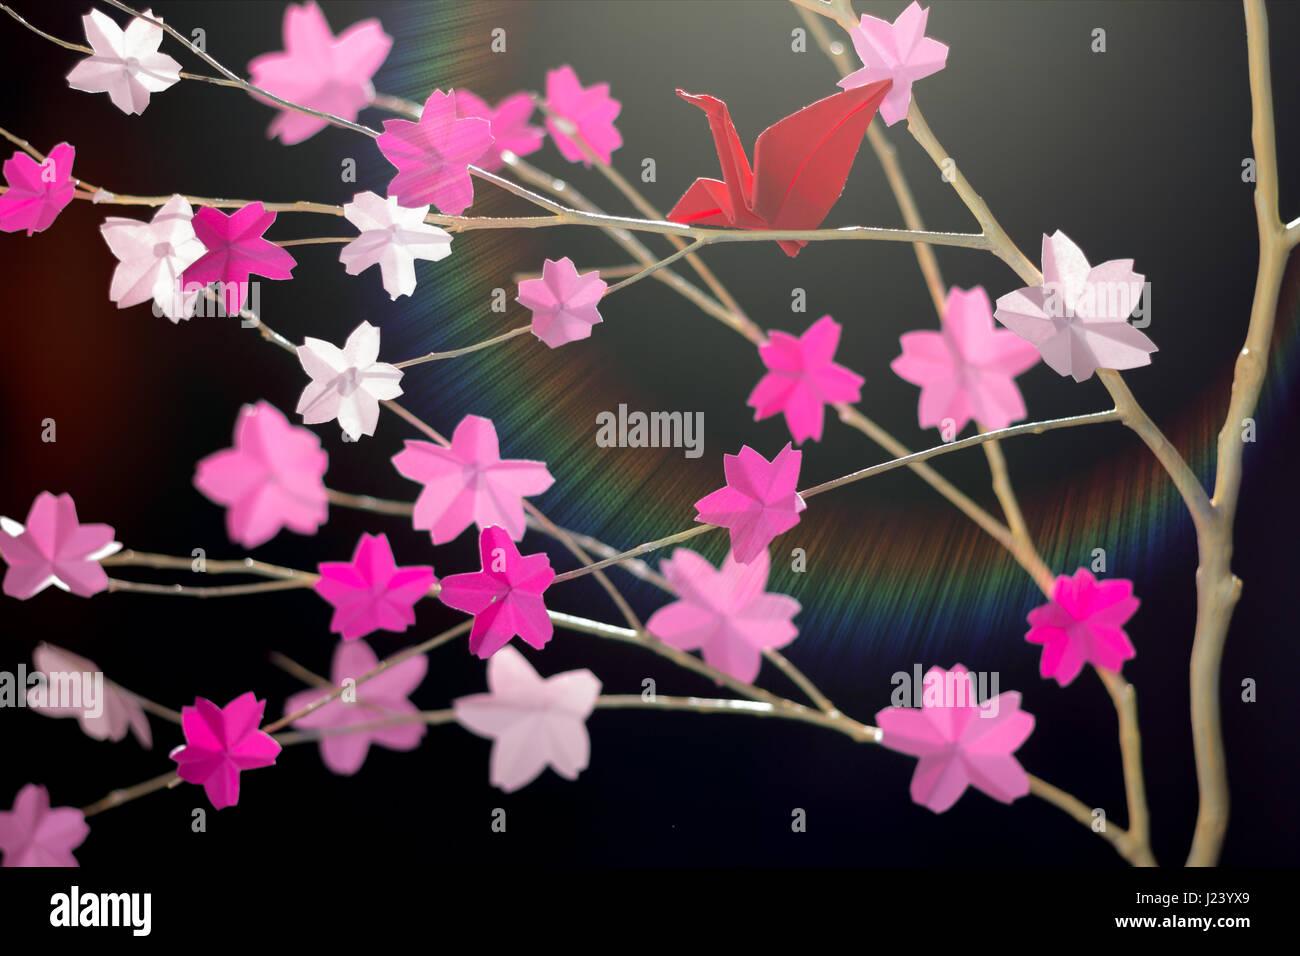 Origami Samples » Origami Sakura - Origami Pictures and Tutorial   956x1300